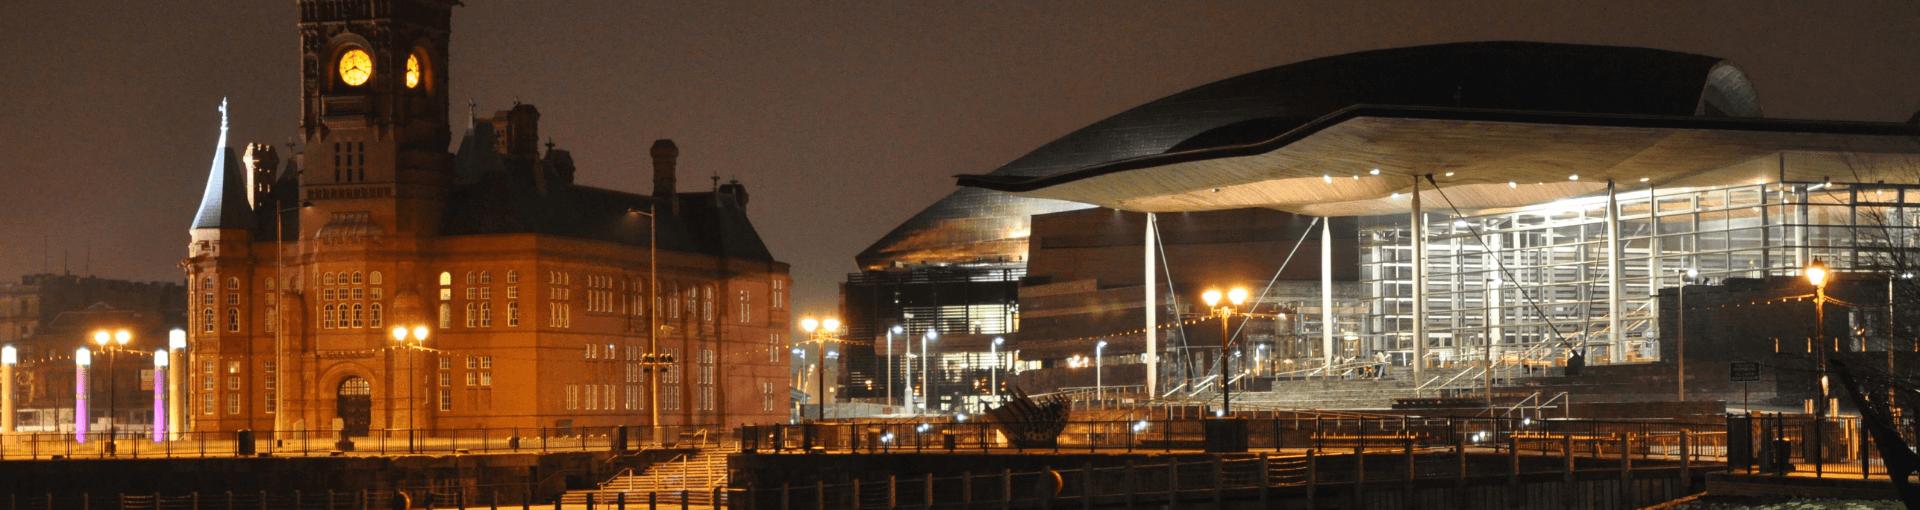 Welsh Parliament building - Senedd